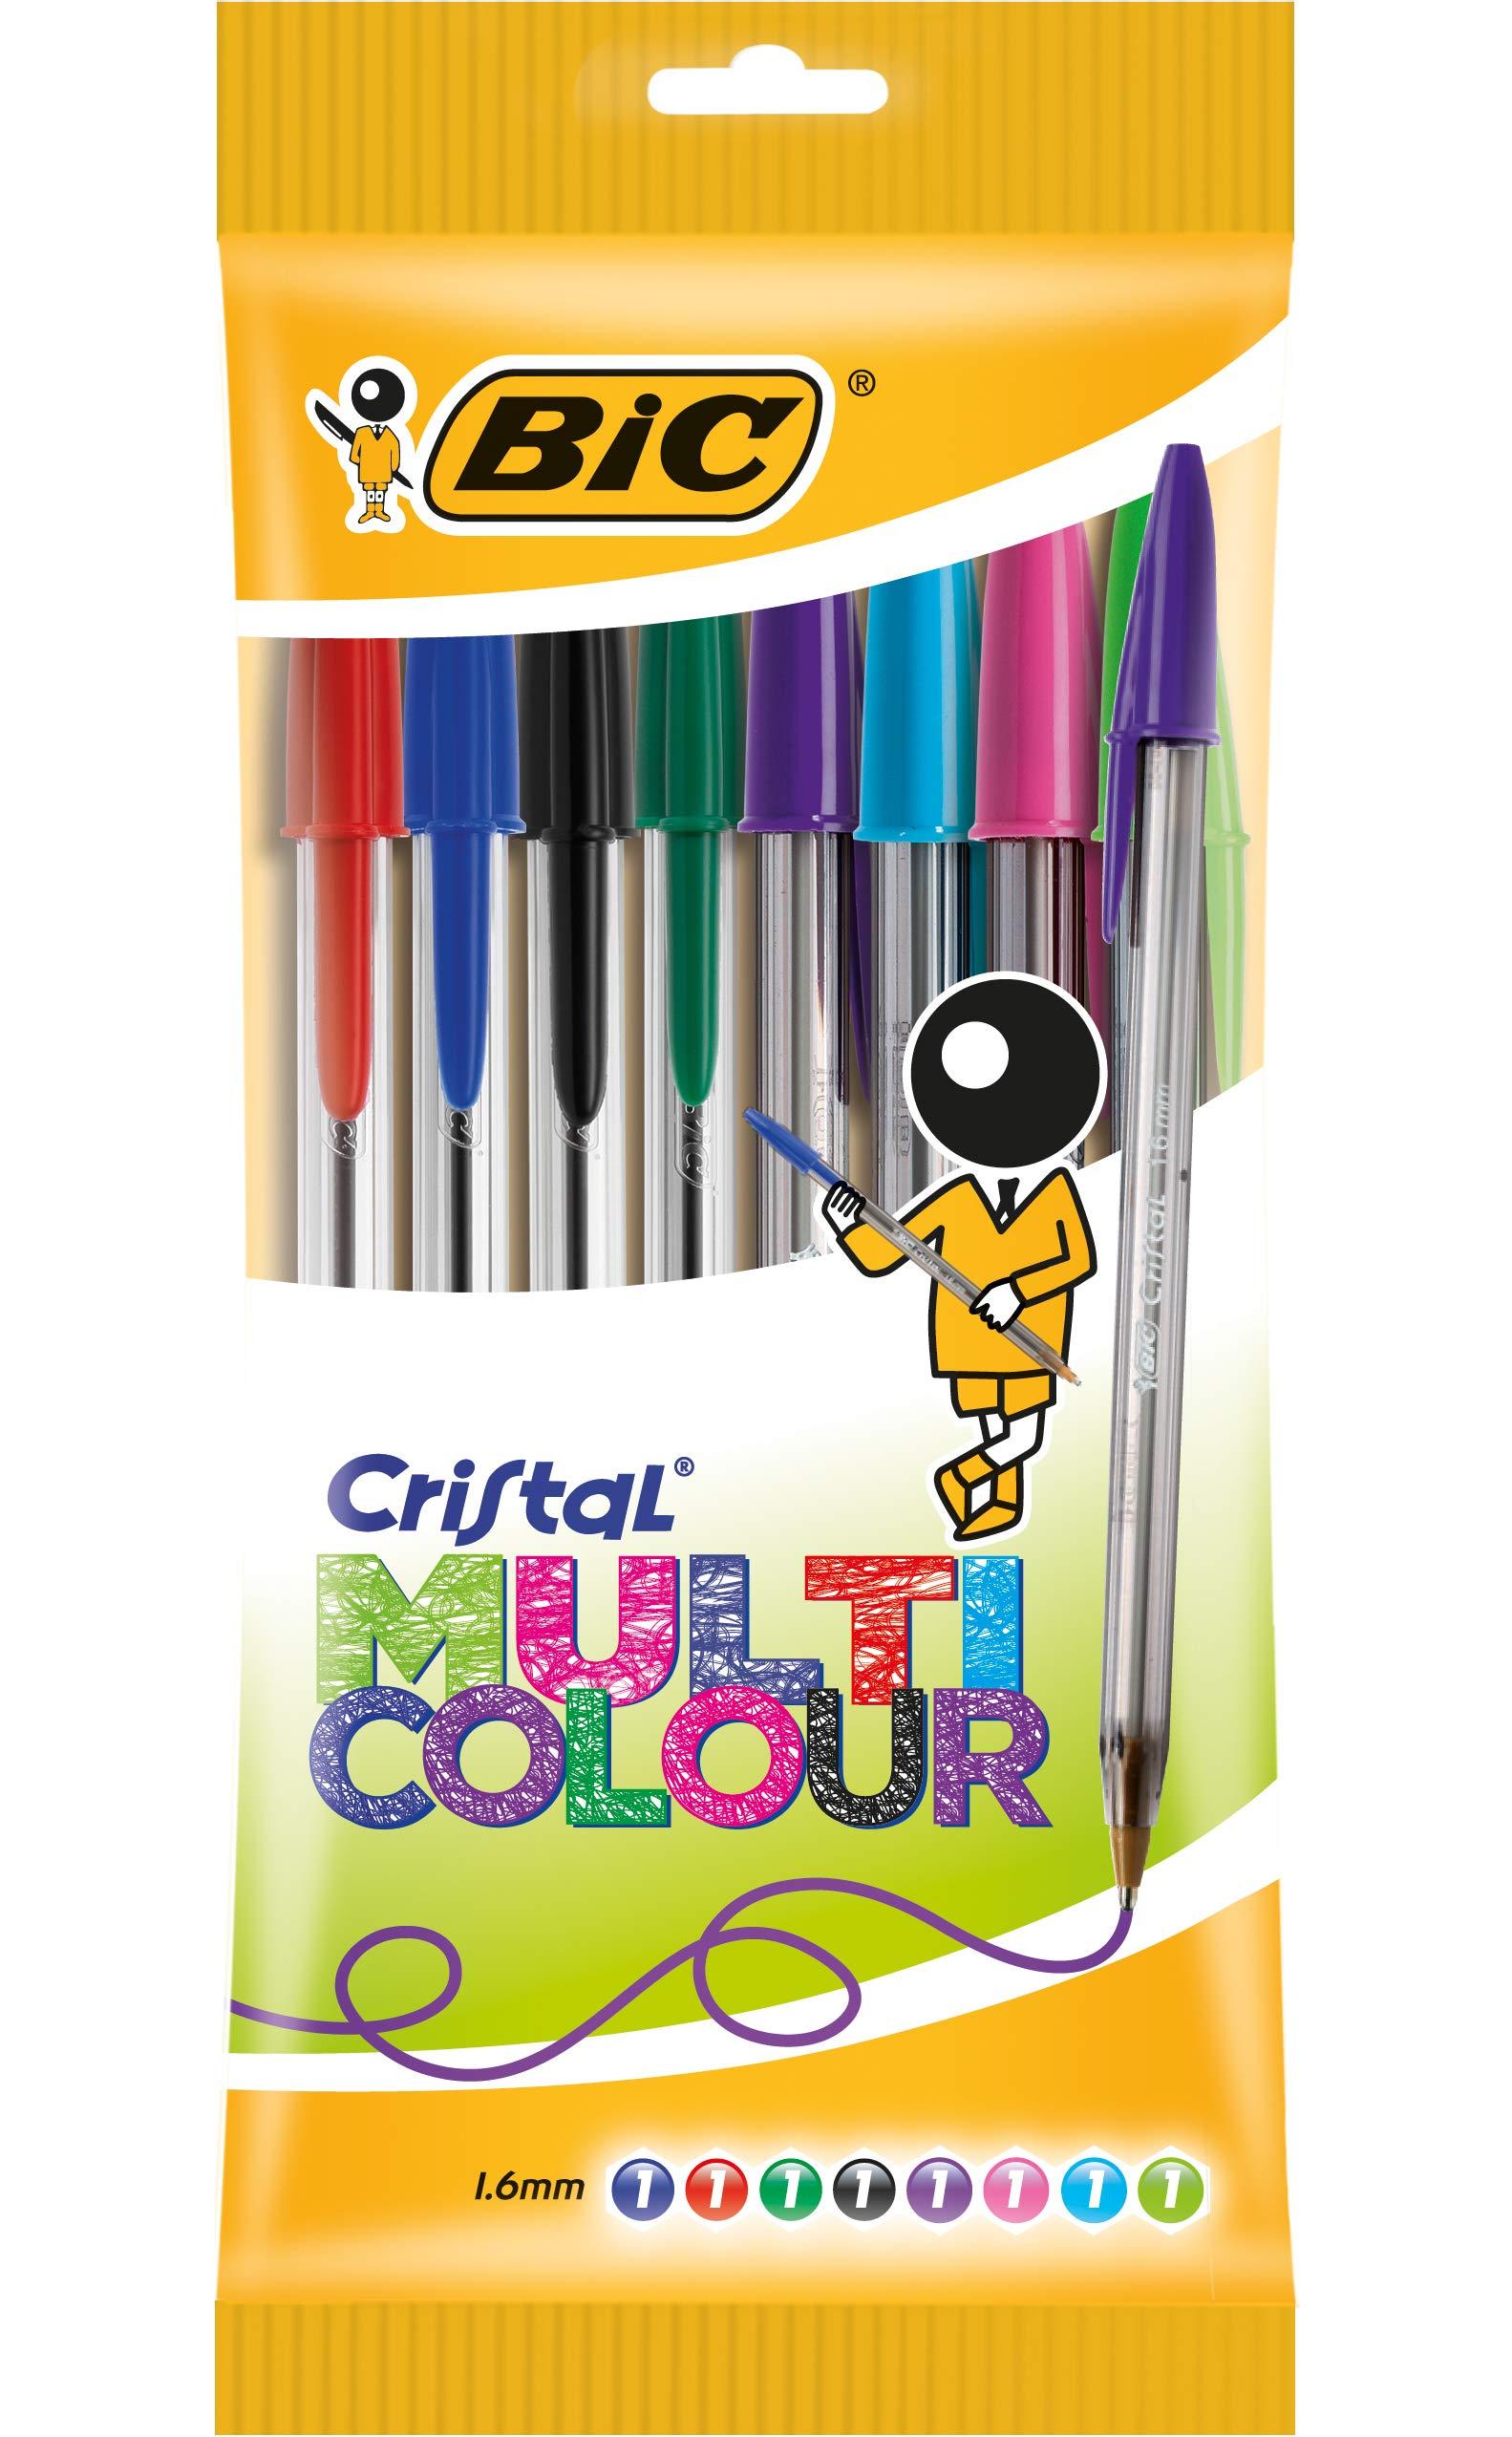 BIC Cristal Multicolor - Caja de 8 bolígrafos, colores fashion y ...